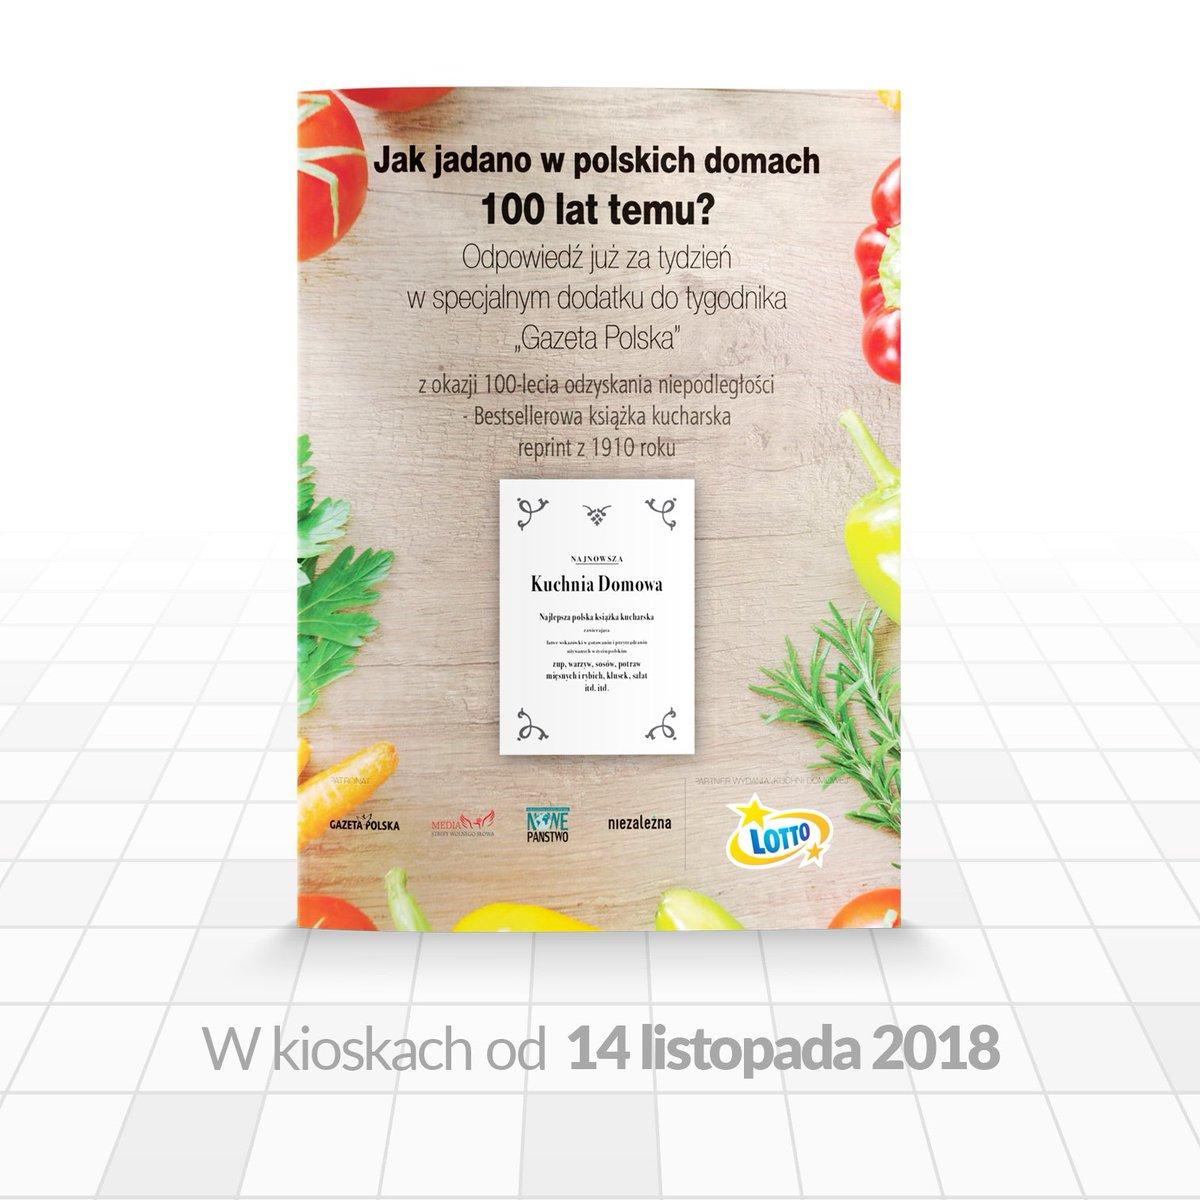 Gazeta Polska On Twitter W środę 14 Listopada Wraz Z